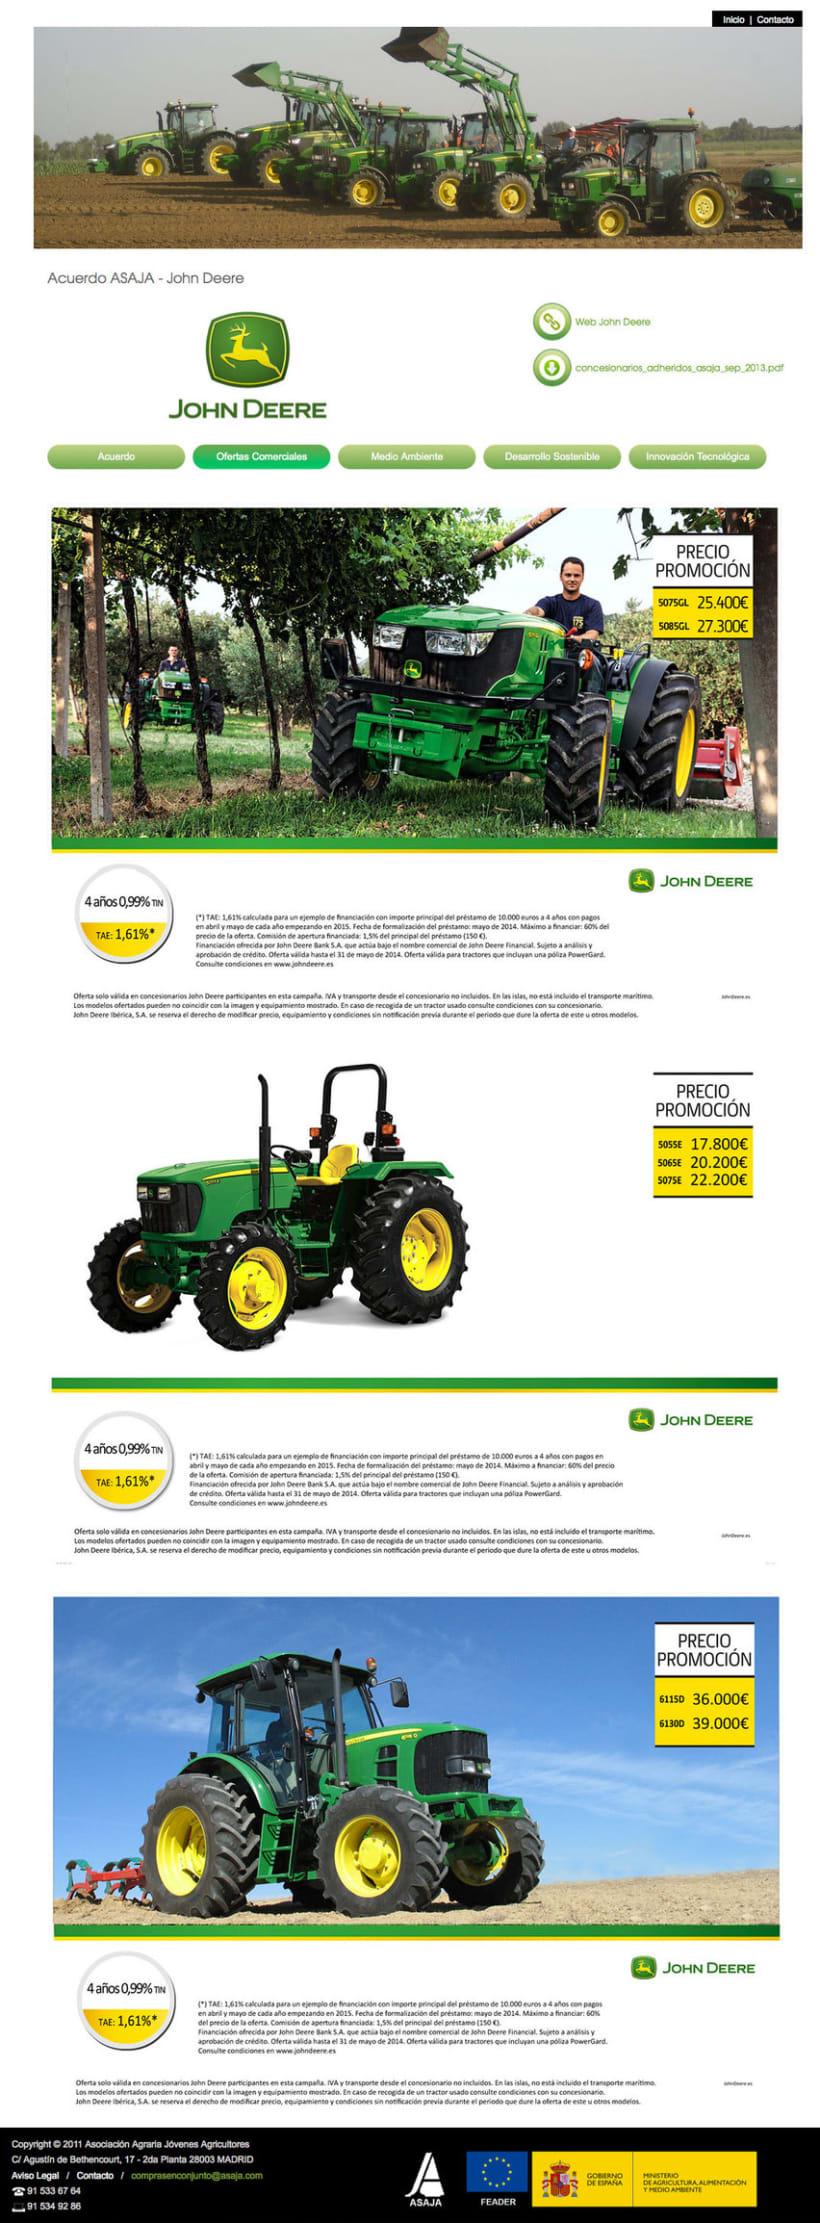 Compras en Conjunto - Plataforma Online realizada para Asaja sobre ofertas de maquinaria agrícola, semillas, fertilizantes, energías, seguro, banca y automoción 2